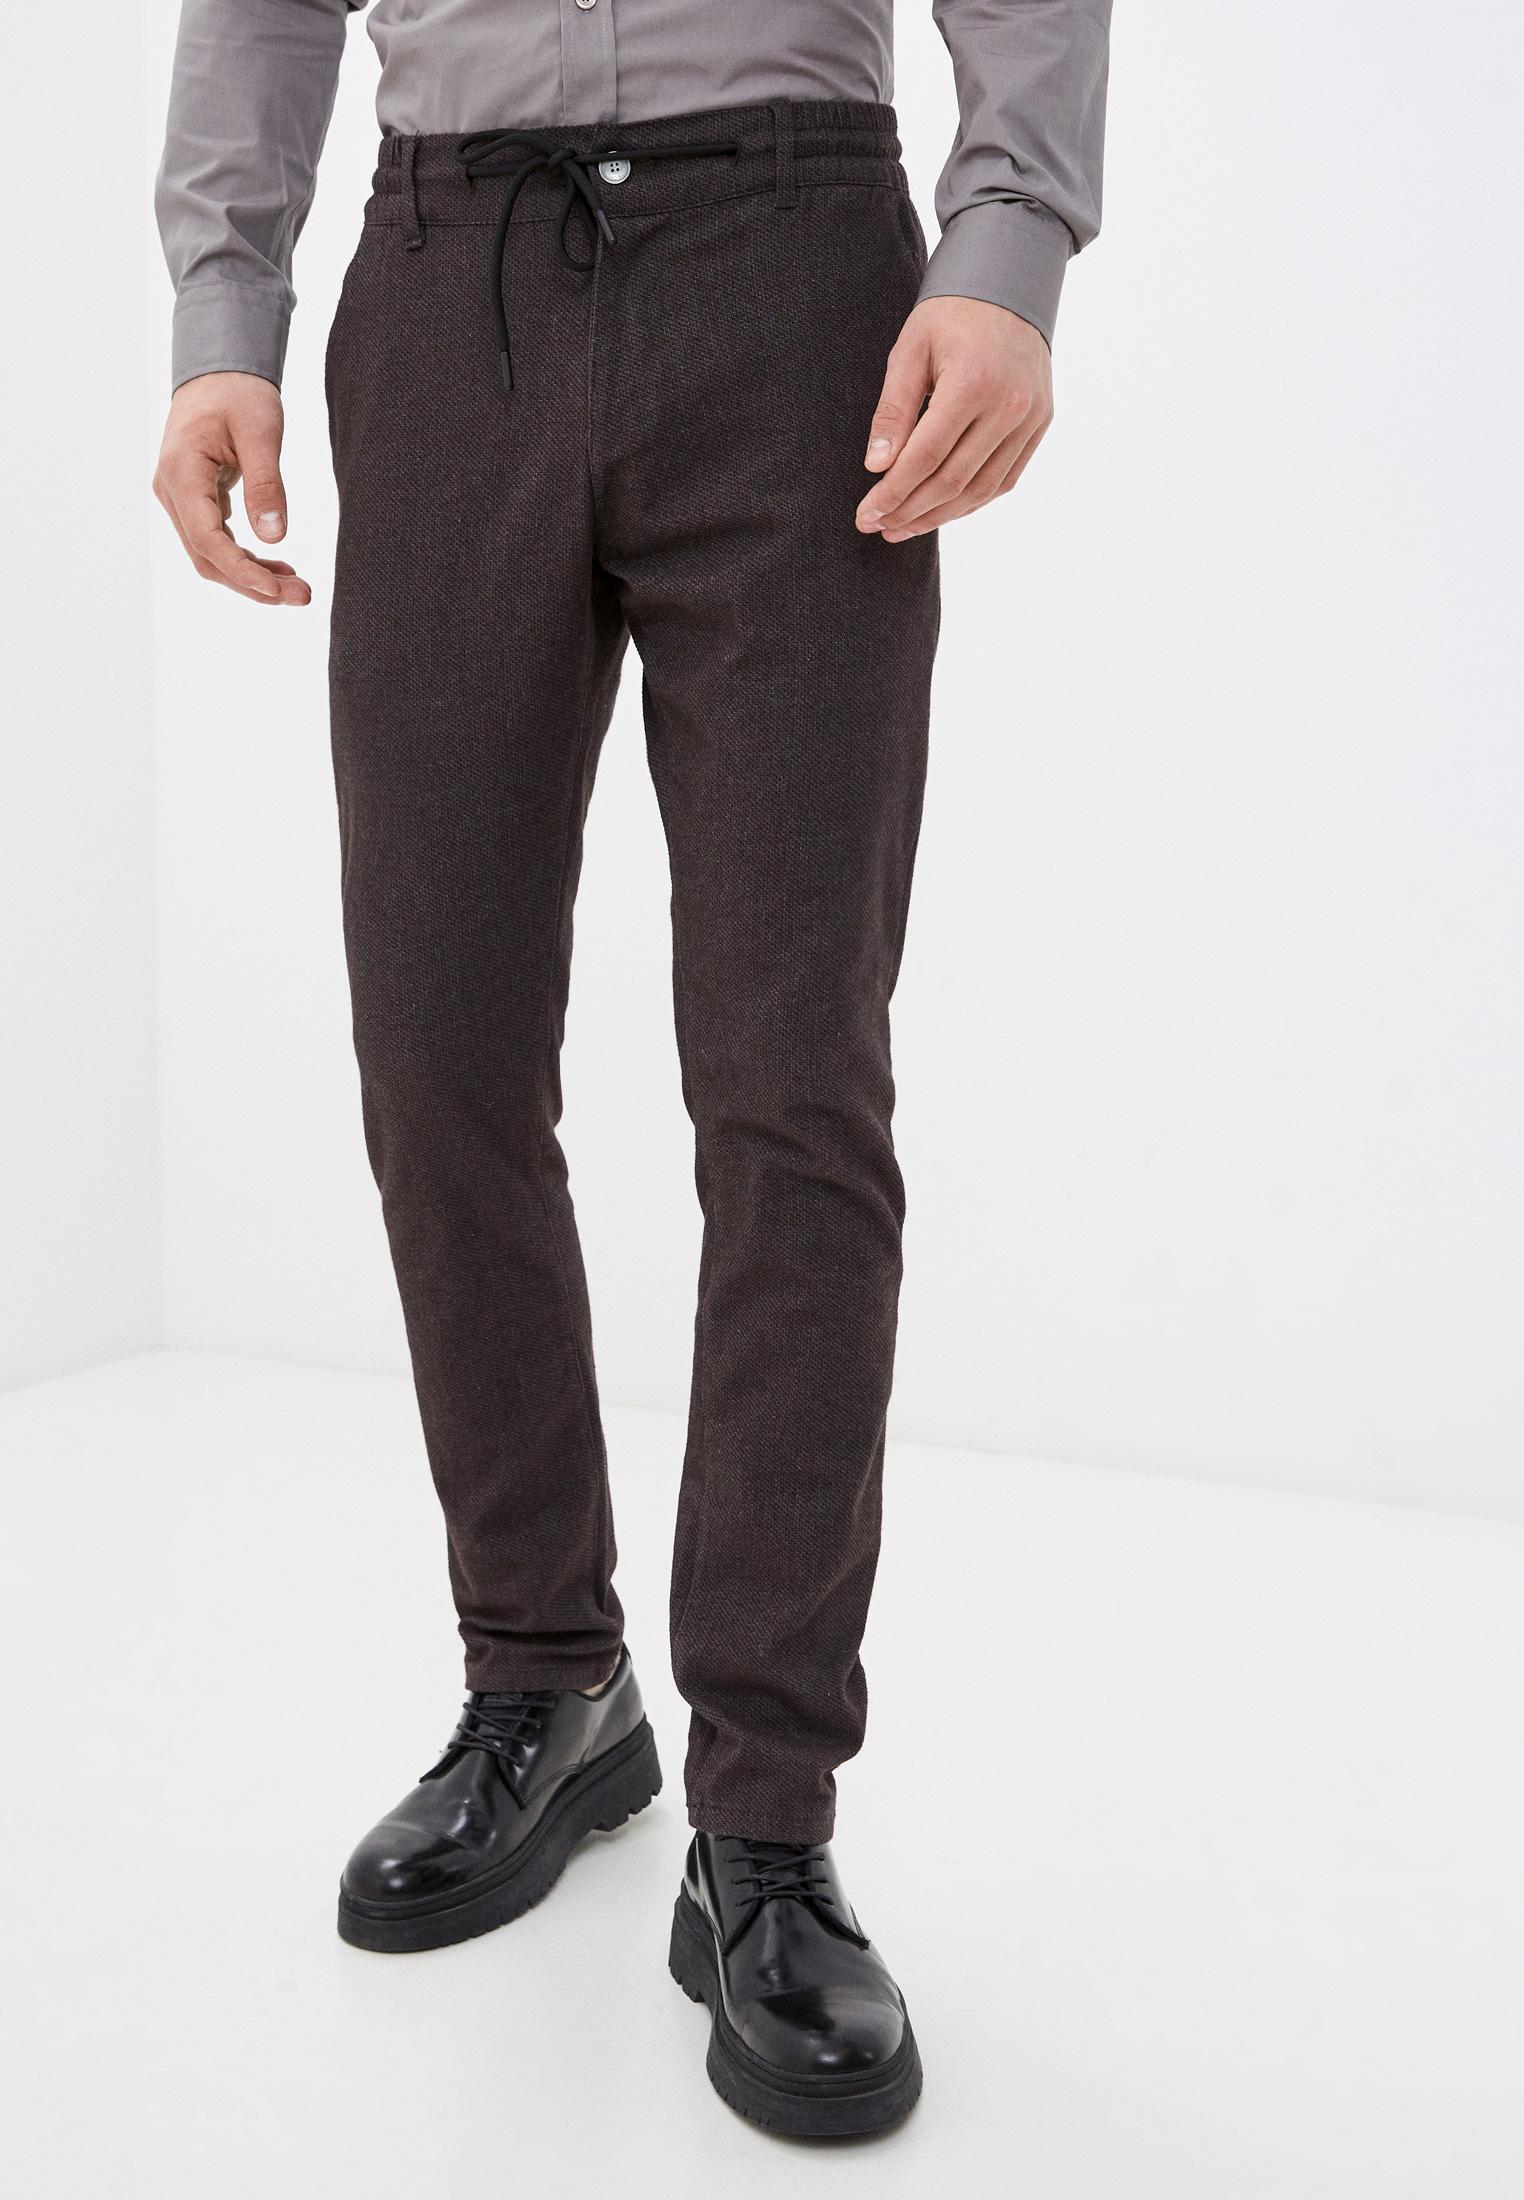 Мужские повседневные брюки Auden Cavill Брюки Auden Cavill